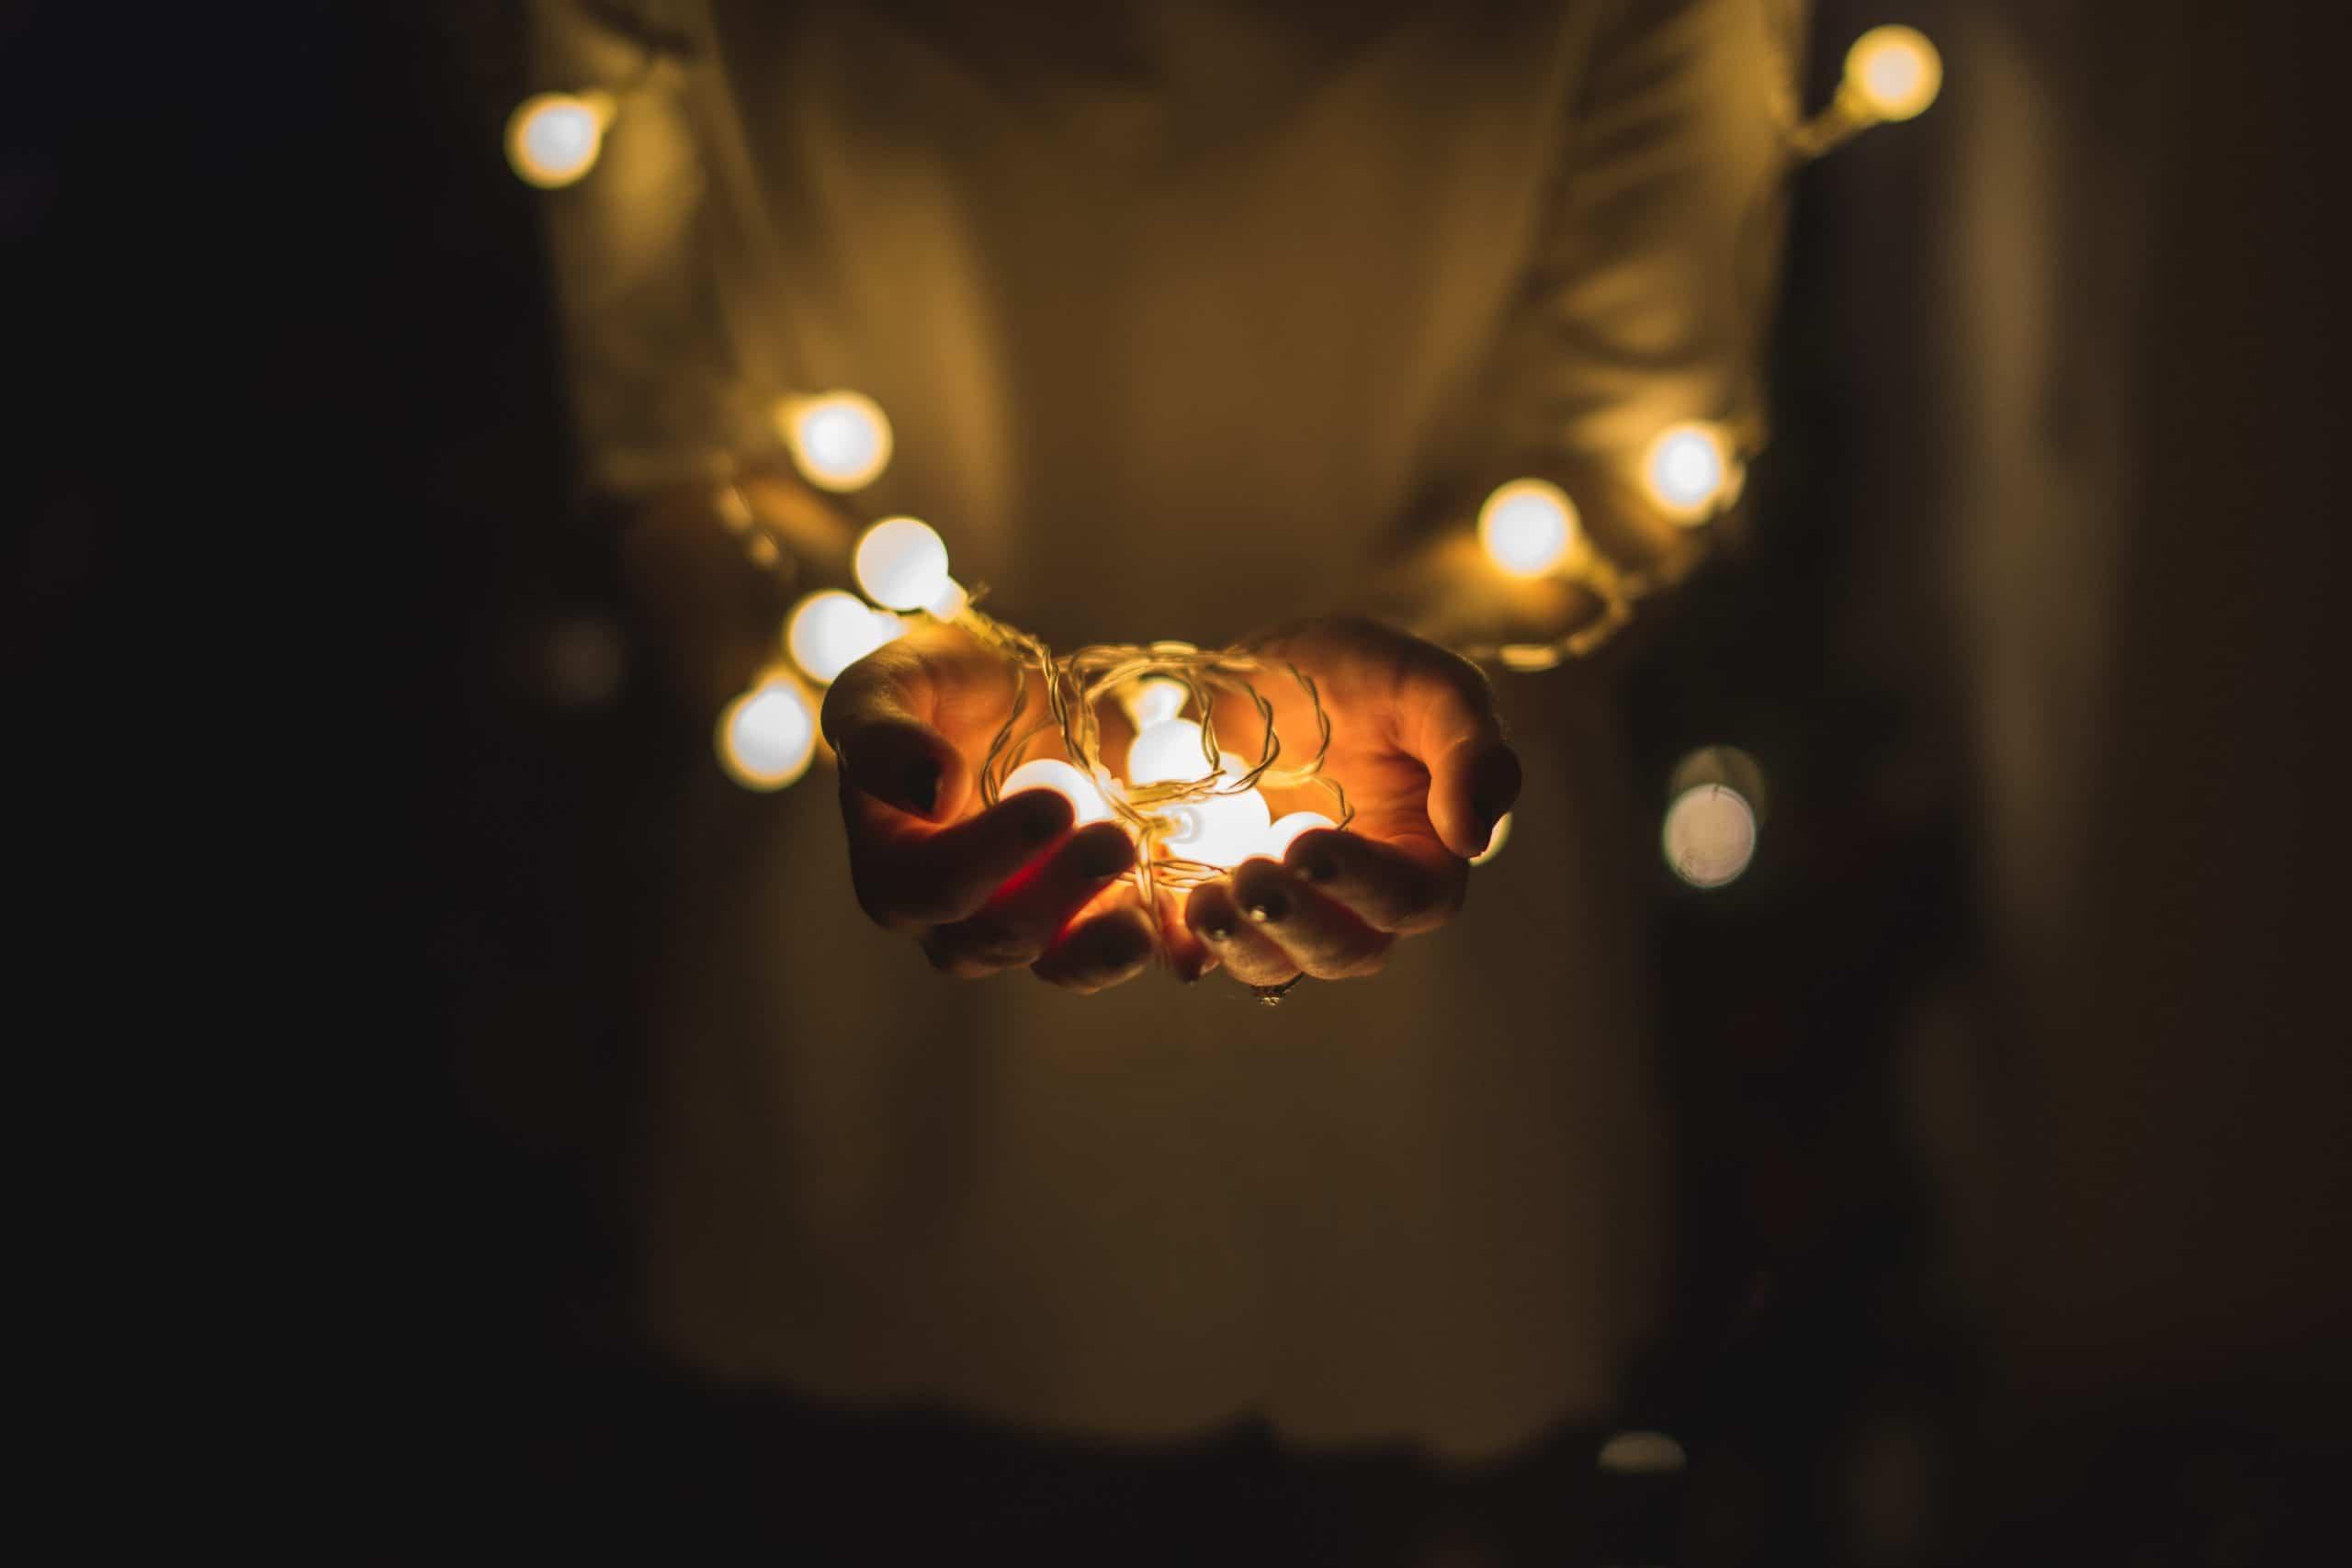 Mãos segurando bolinhas de luzes em frente ao corpo